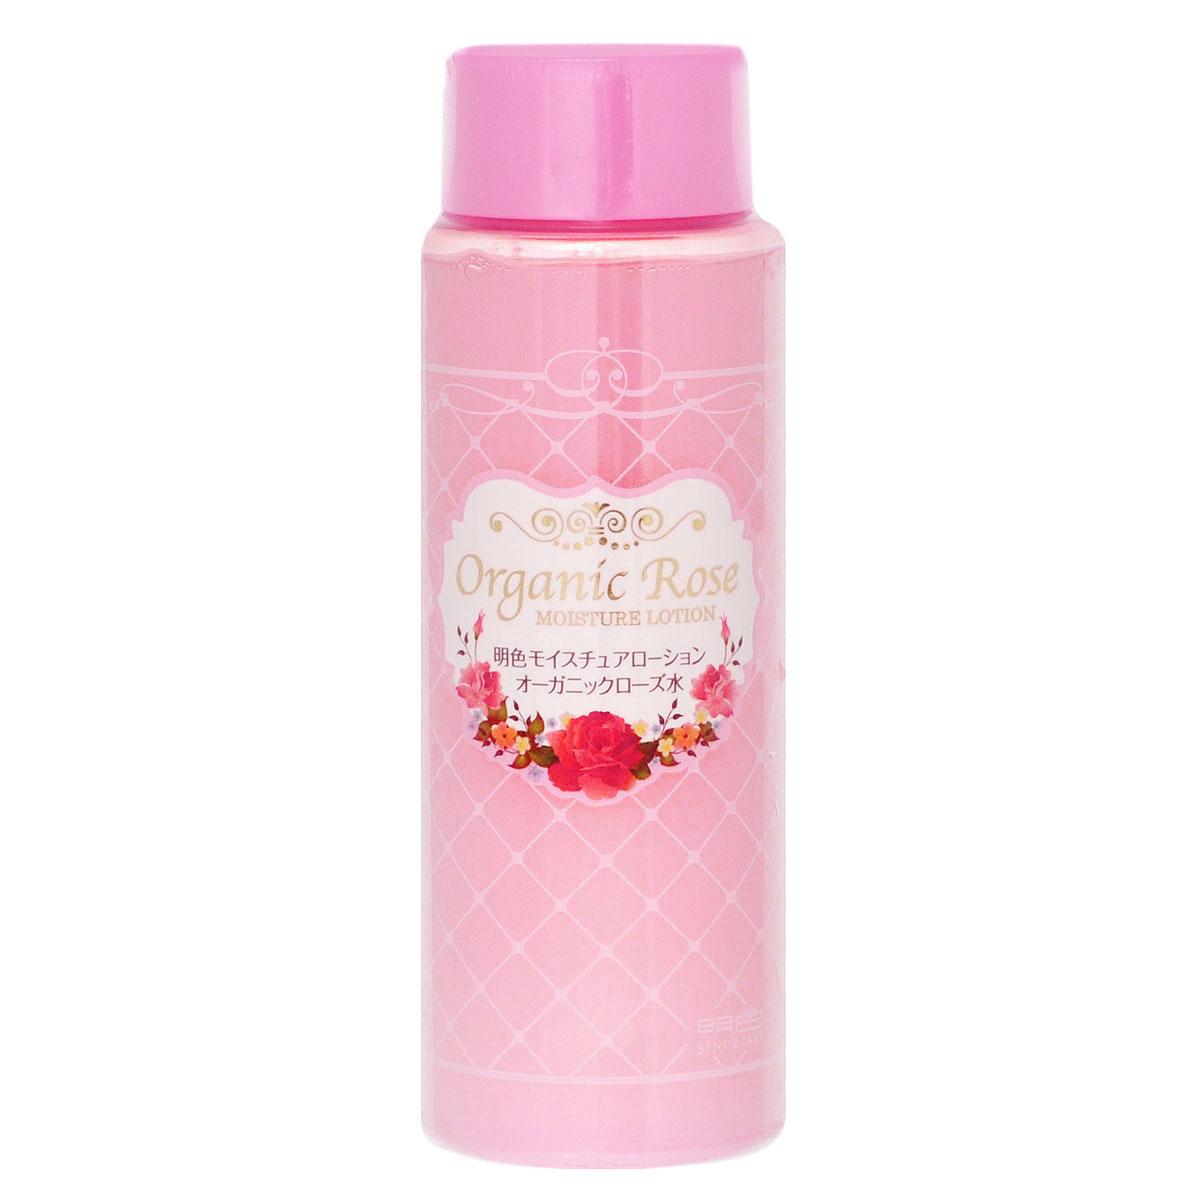 Meishoku Лосьон-уход для лица Organic Rose, увлажняющий, с экстрактом дамасской розы, 210 мл481105Лосьон Organic Rose превосходно ухаживает за кожей, поддерживает оптимальный уровень влаги в клетках кожи. Глубоко проникает. Помогает сделать кожу здоровой и красивой. В состав входят нанокапсулы, содержащие компоненты, удерживающие влагу в коже – гиалуроновую кислоту и экстракт ячменя, а также цветочную воду дамасской розы - компонент, нормализующий состояние кожи. Экстракт дамасской розы освежает и тонизирует уставшую кожу, насыщает ее витаминами.Товар сертифицирован.